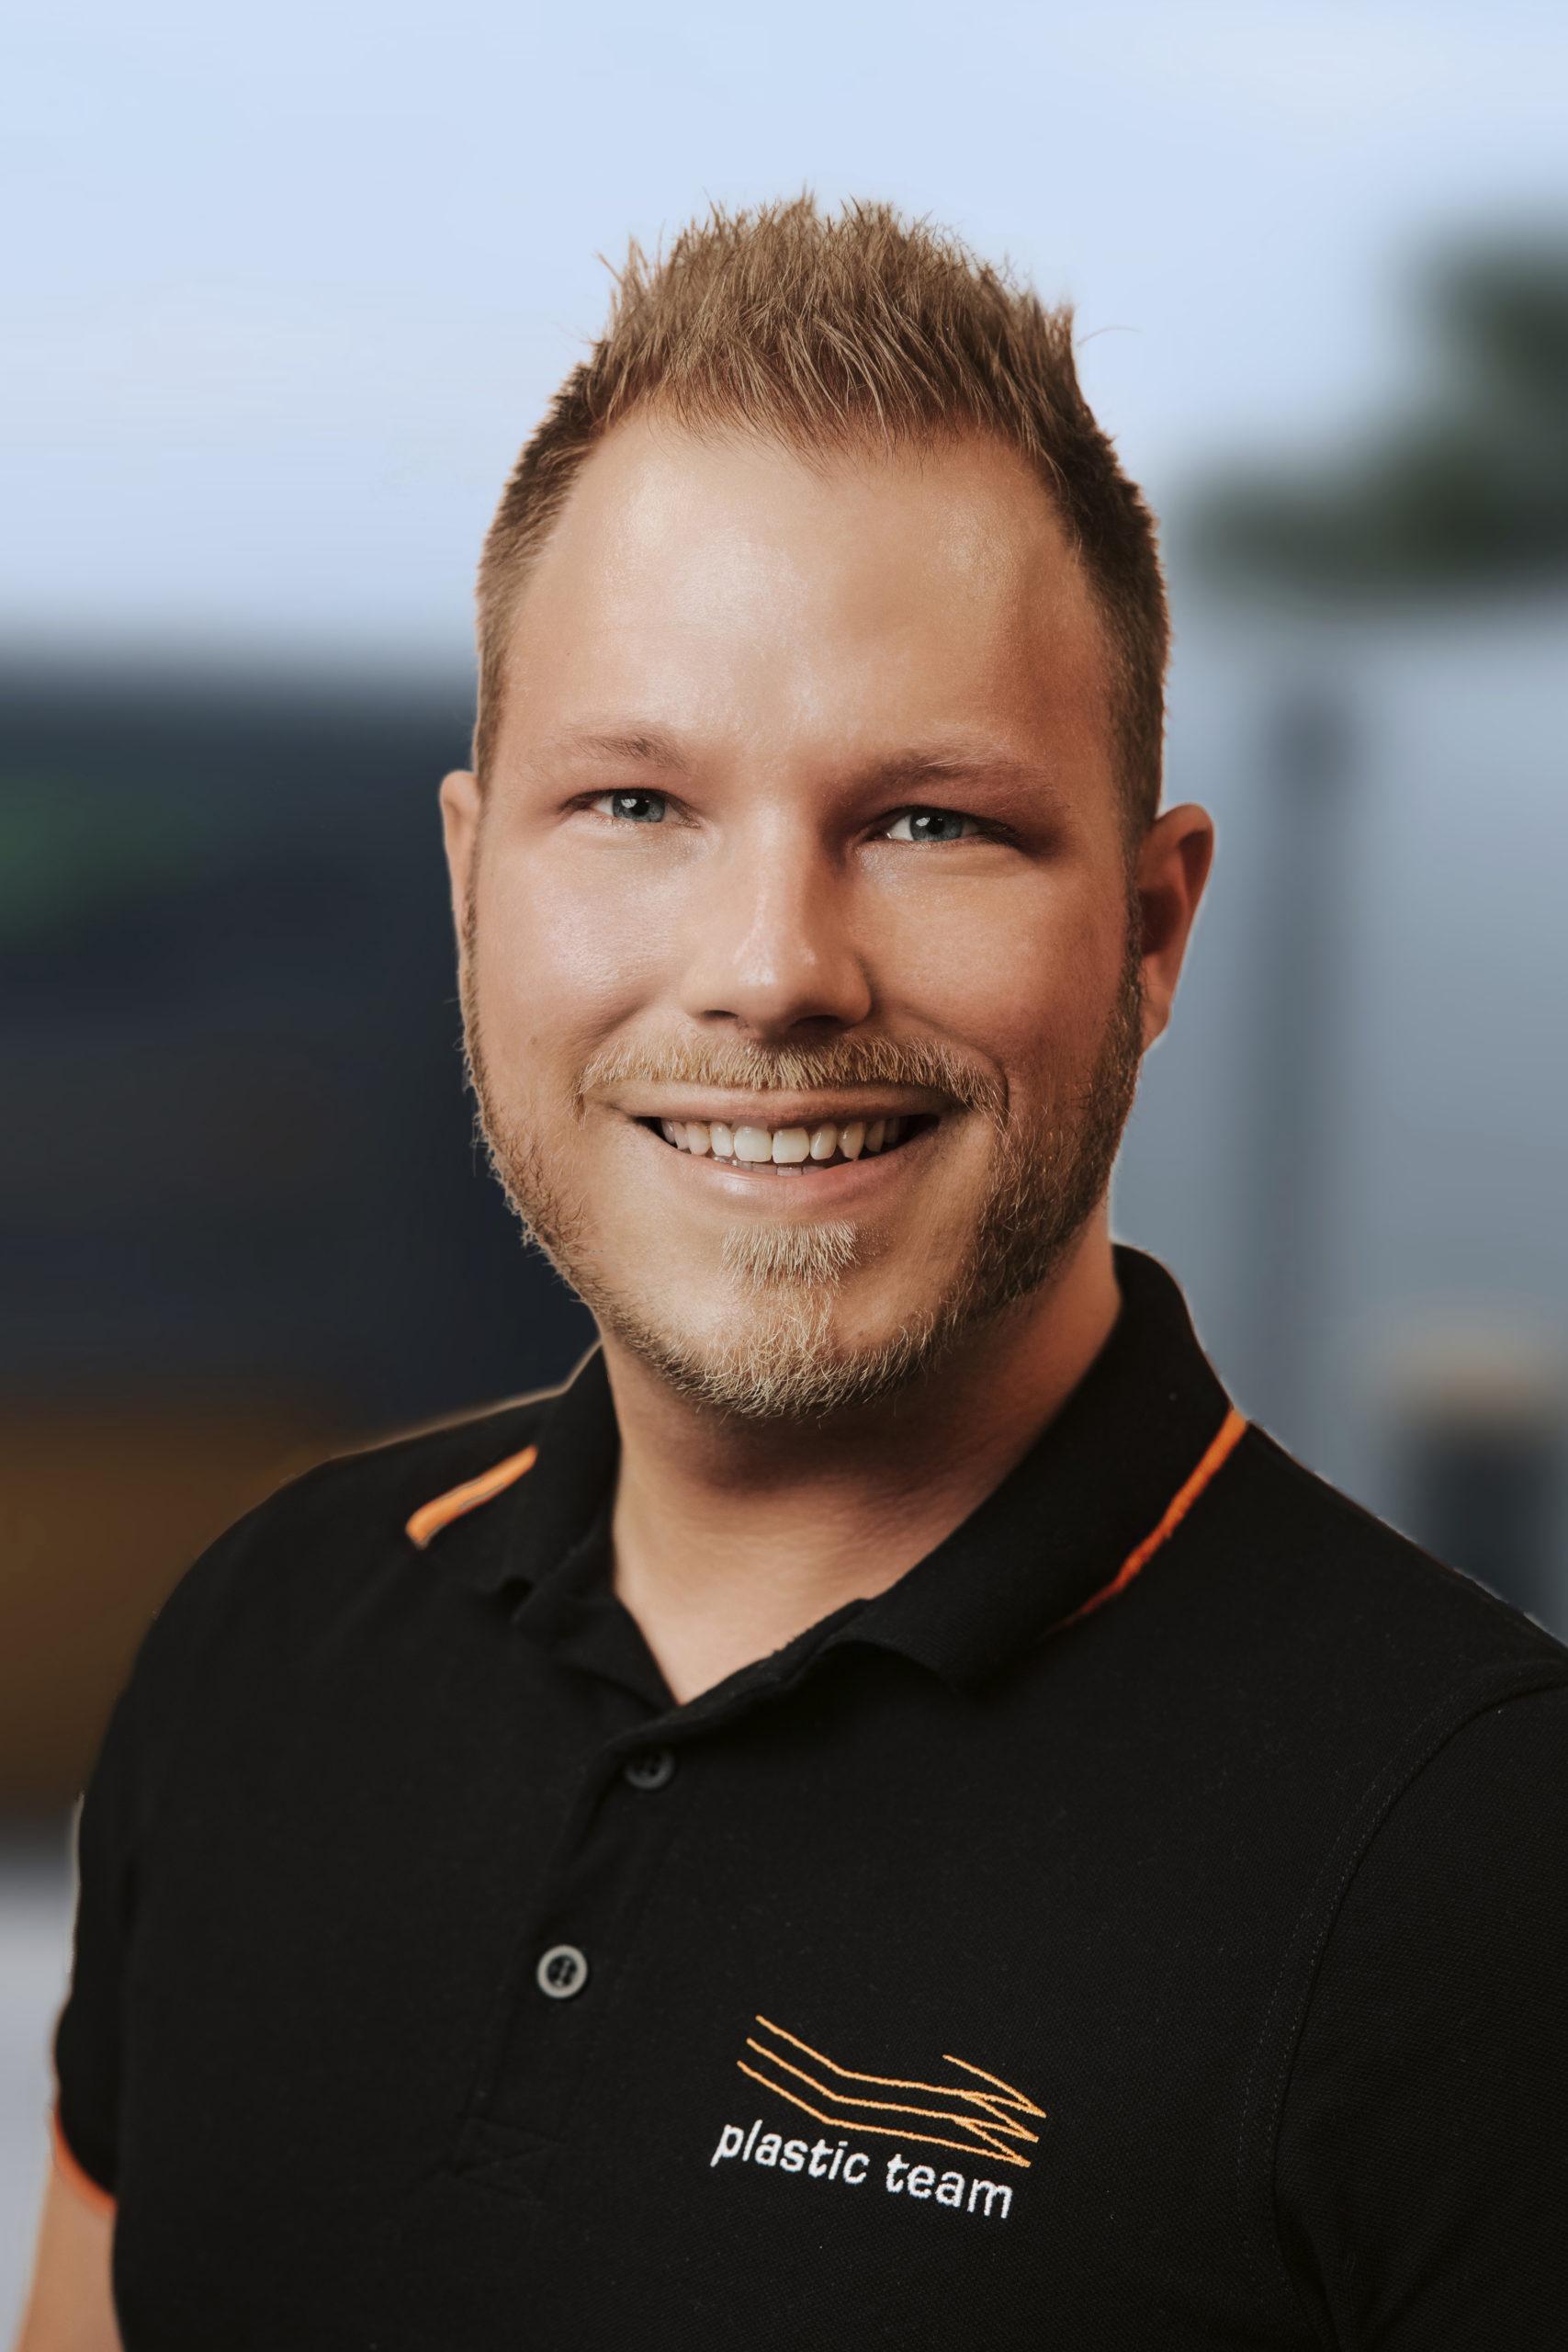 Florian Welke